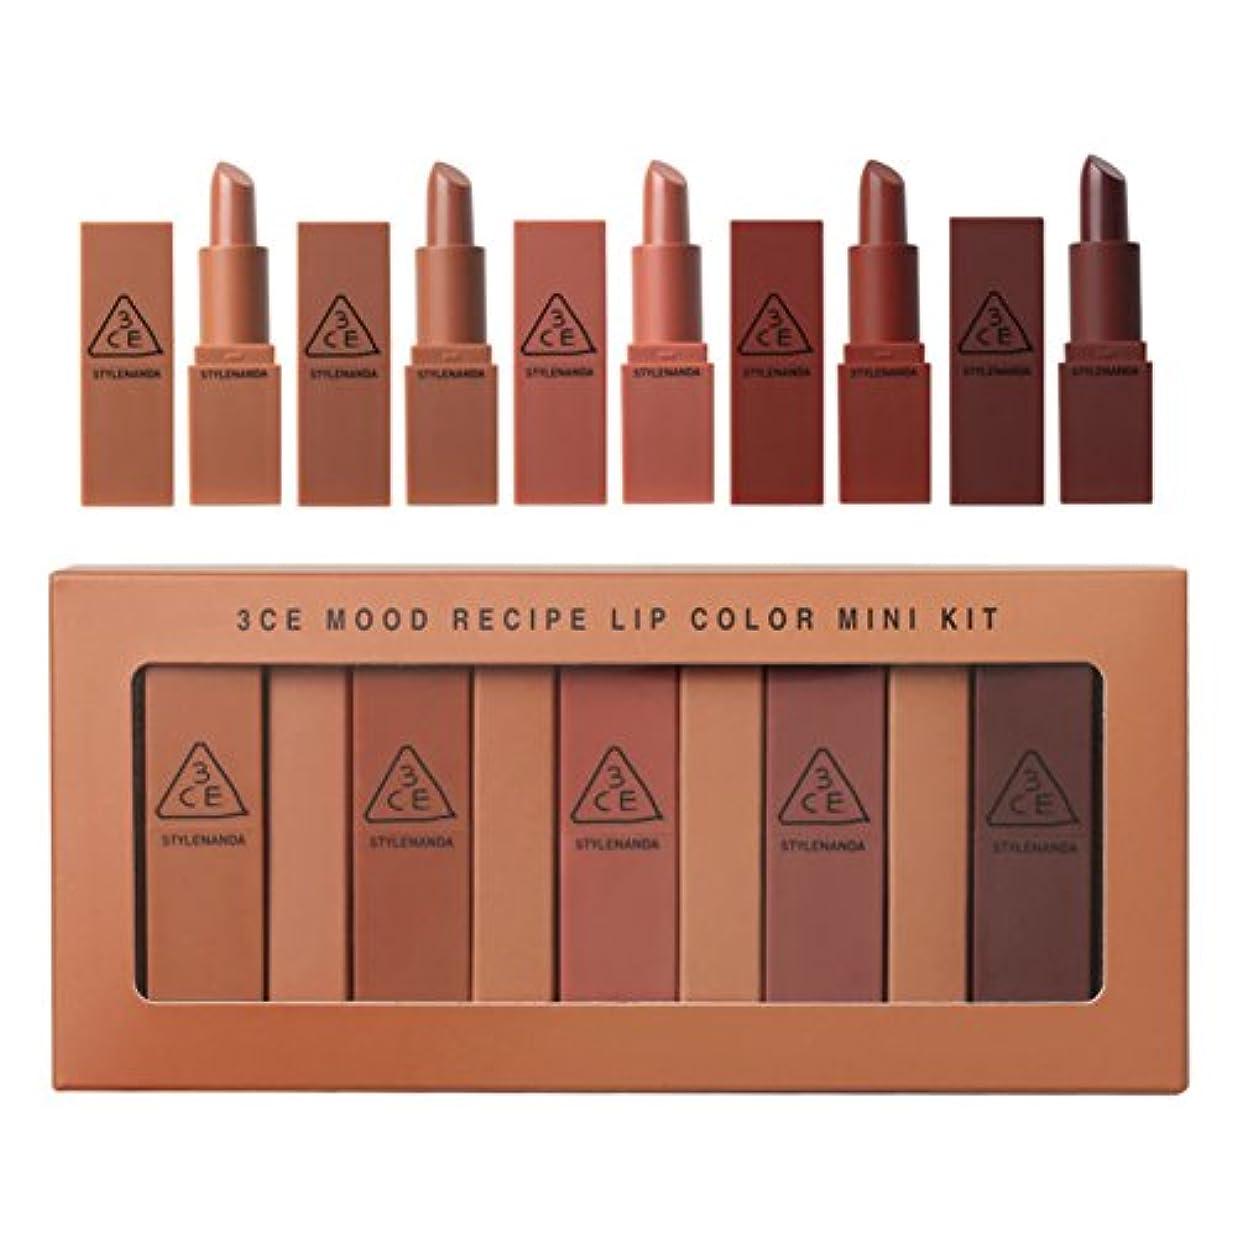 文明化する腹おもしろい3CE mood recipe lip color mini kit 3CE ムードレシピ リップ カラー ミニ キット[並行輸入品]